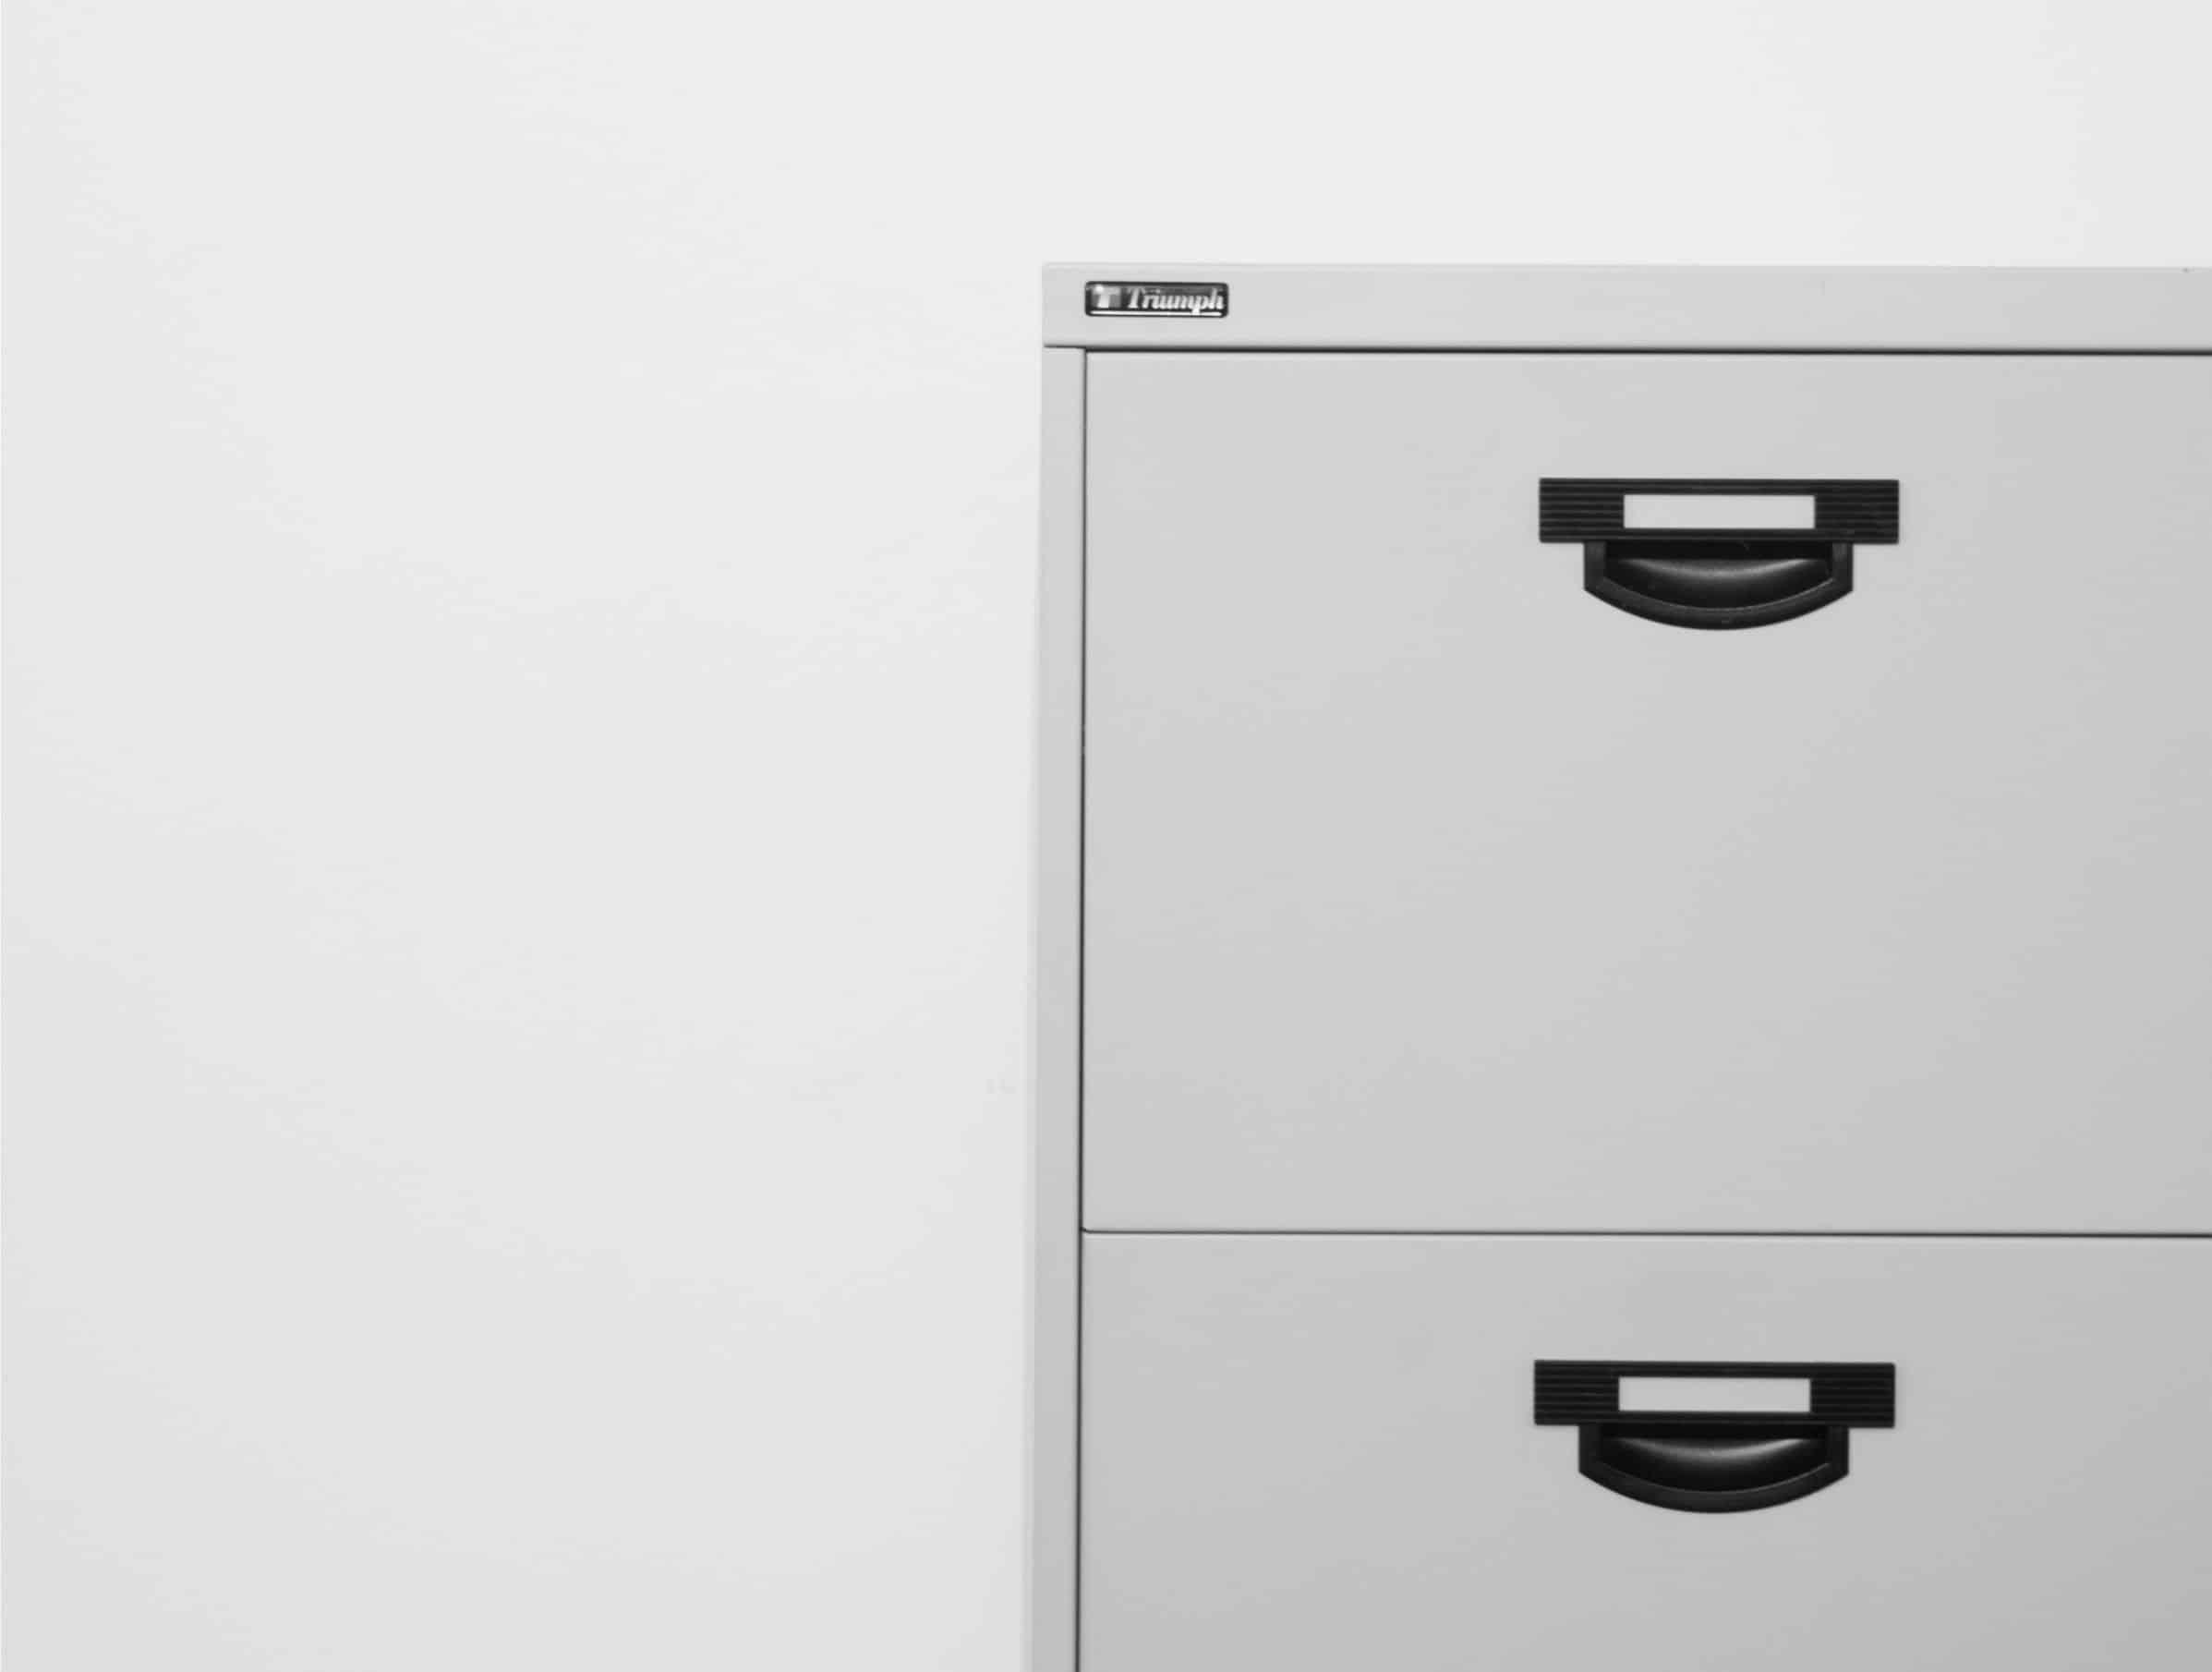 garden-home-office-essentials-4-file-cabinet-unsplash